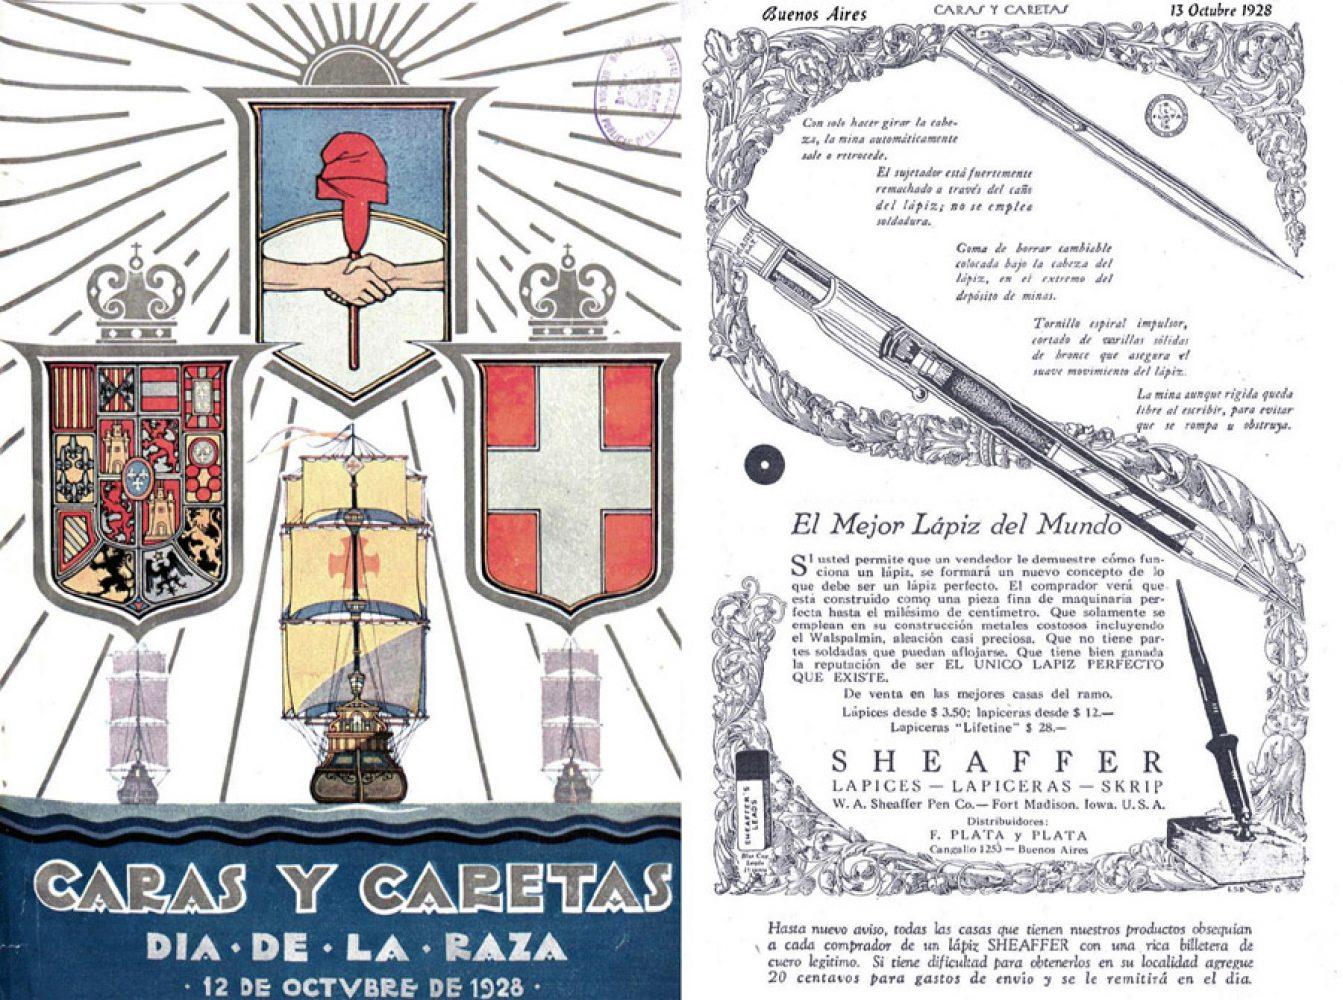 1928 10 13 Spanish ad